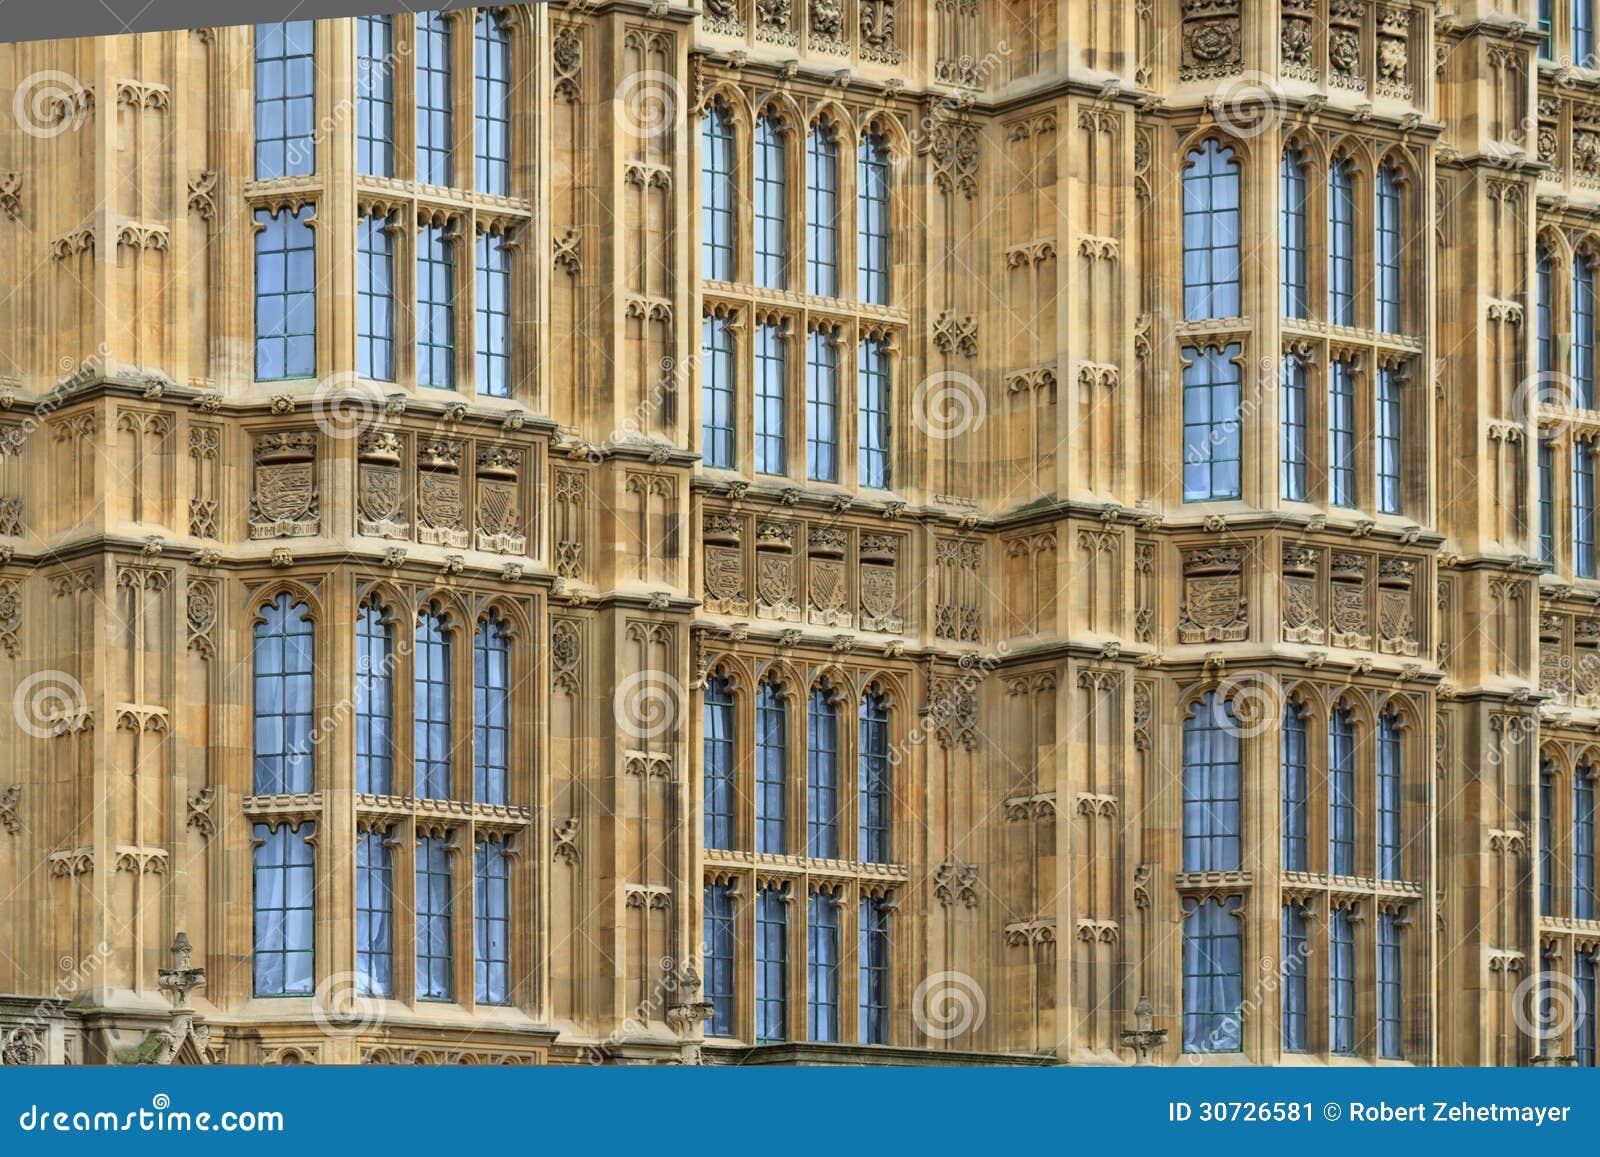 Casas de los detalles de la fachada del parlamento fondo - Detalles para la casa ...